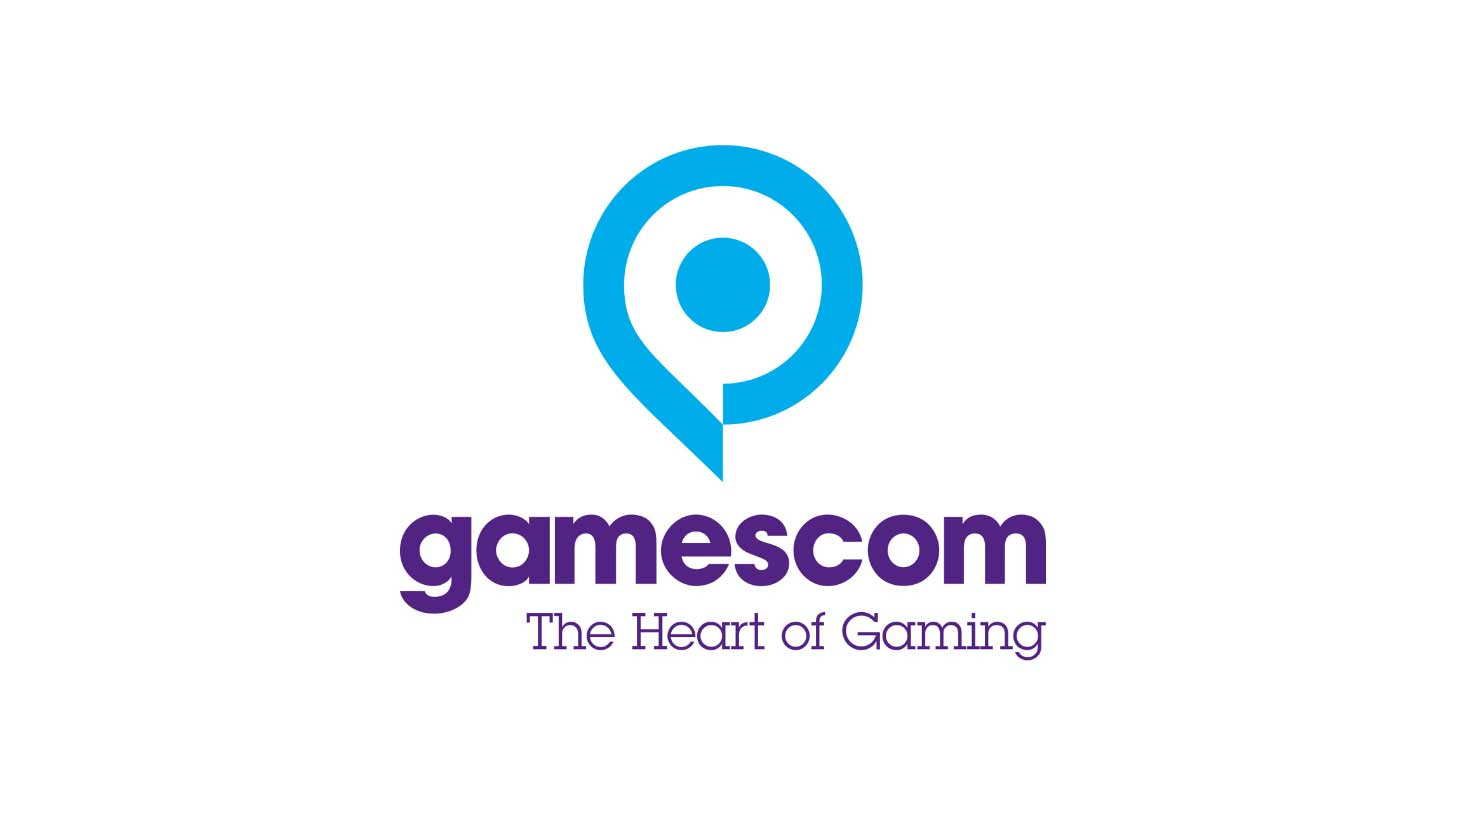 x gamescom logo mit claim 48590511822 o NEU QUADRAT babt